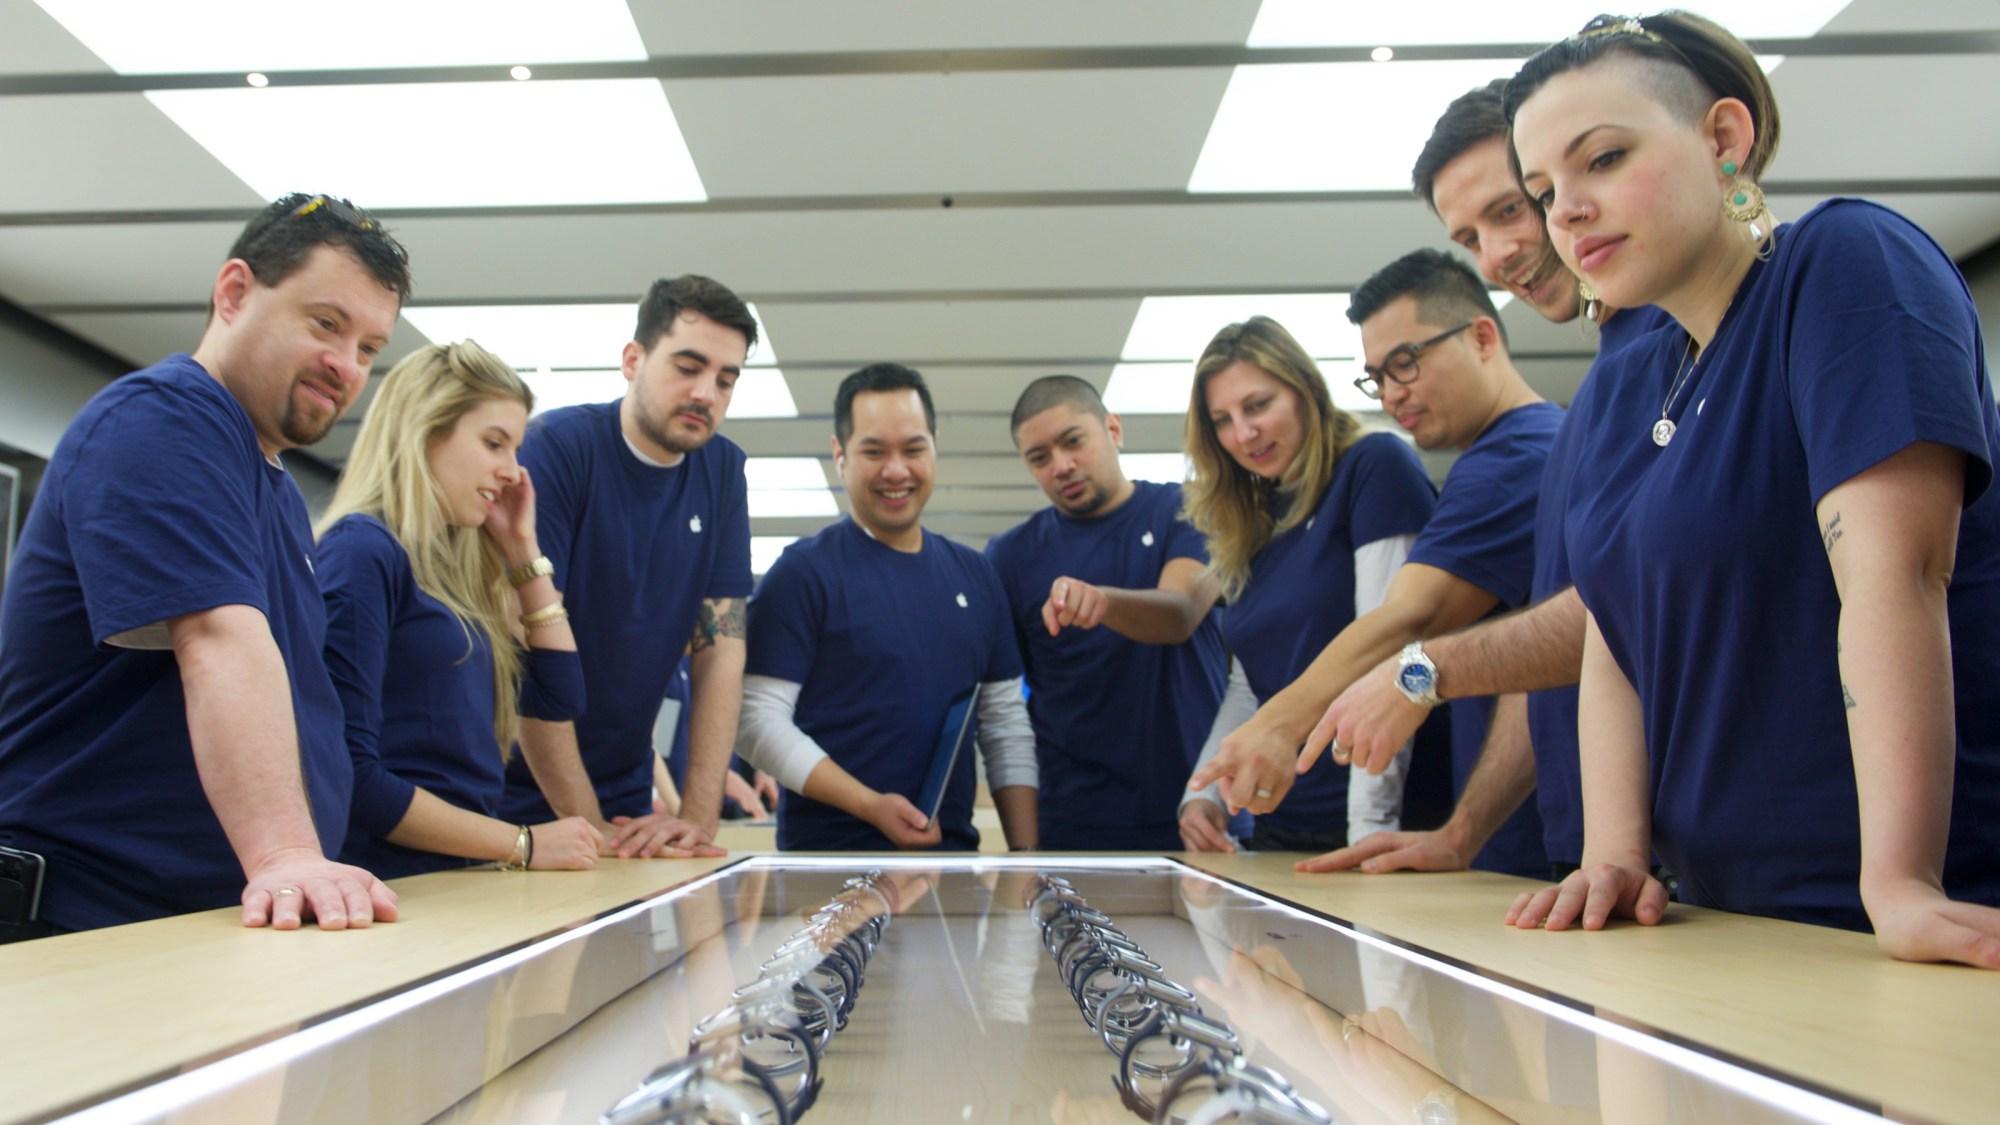 Теперь точно: Apple Watch скоро будут доступны для покупки в магазинах